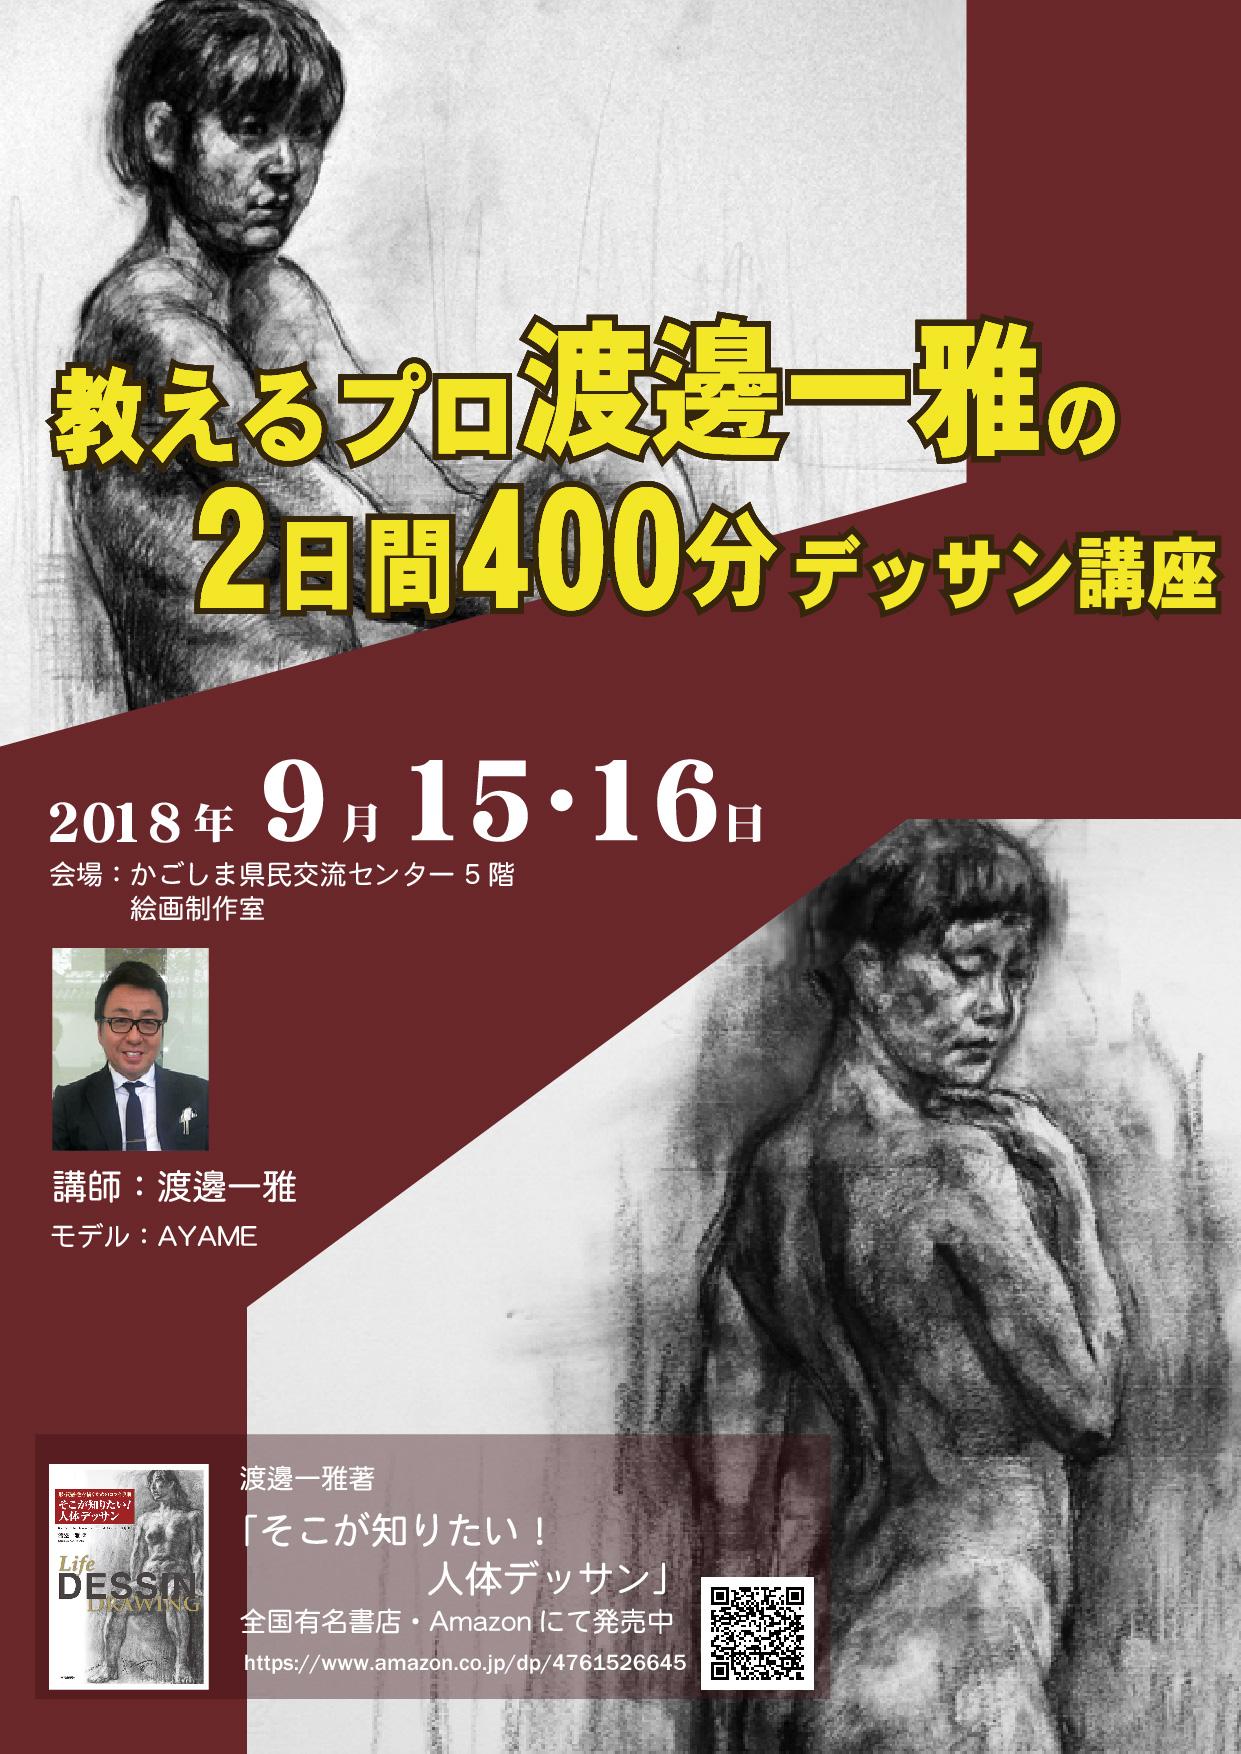 九州路樹絵主催 人体デッサン会 2018.09.15-2018.09.16